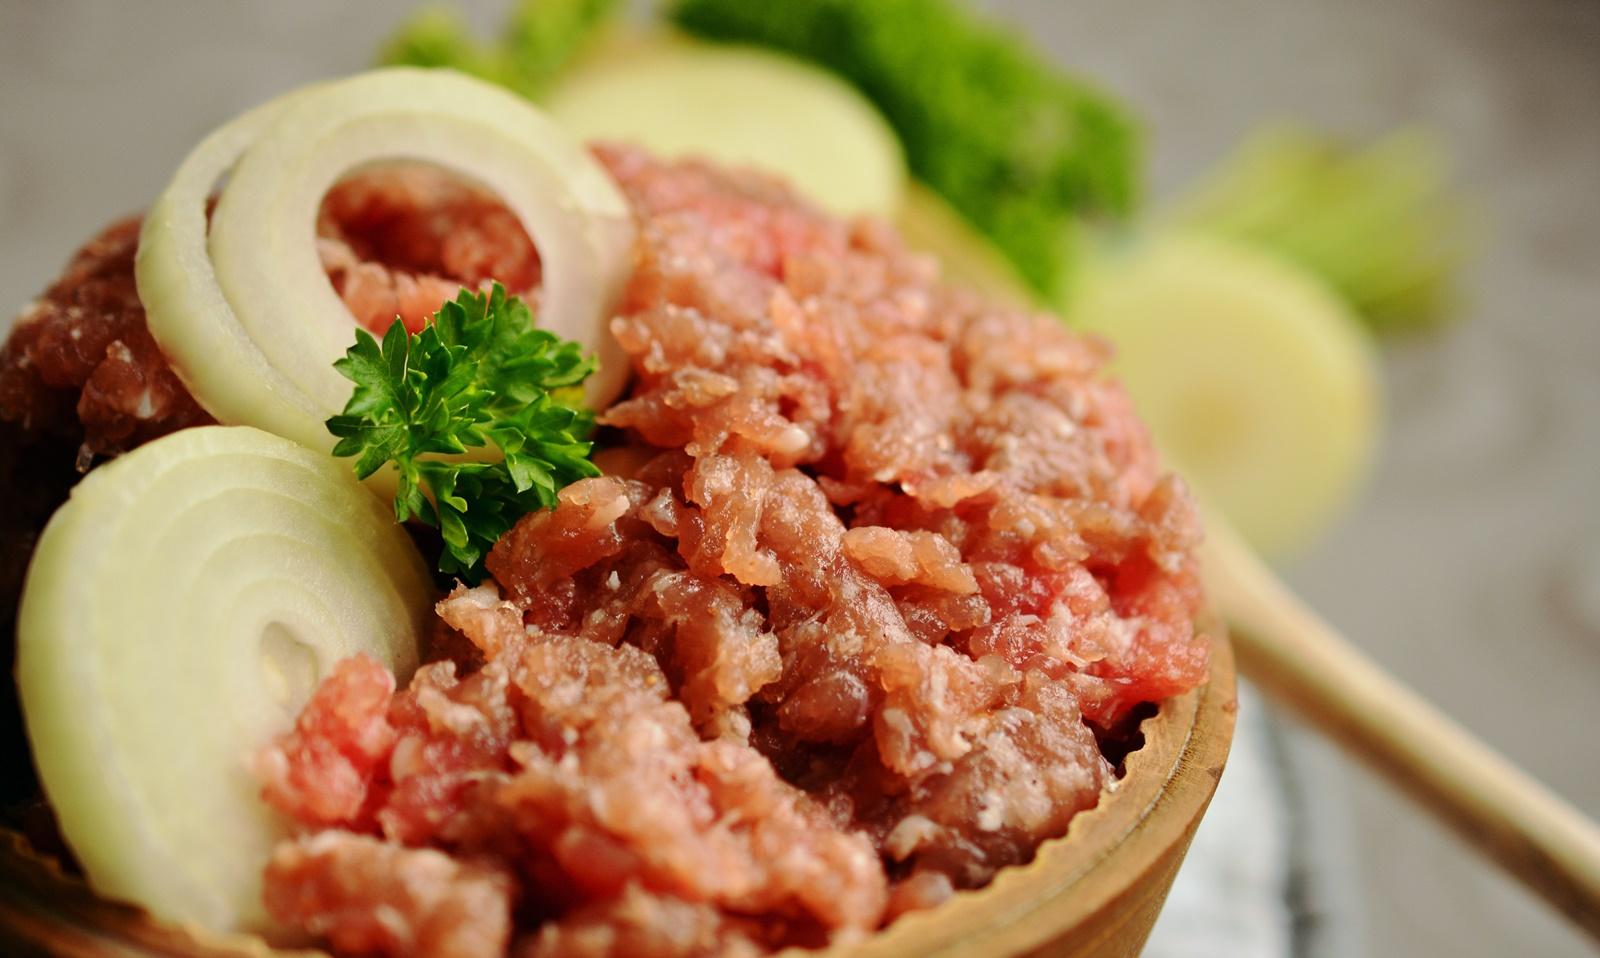 Sebab Daging Sapi Memiliki Banyak Kebaikan 5 Resep Mpasi